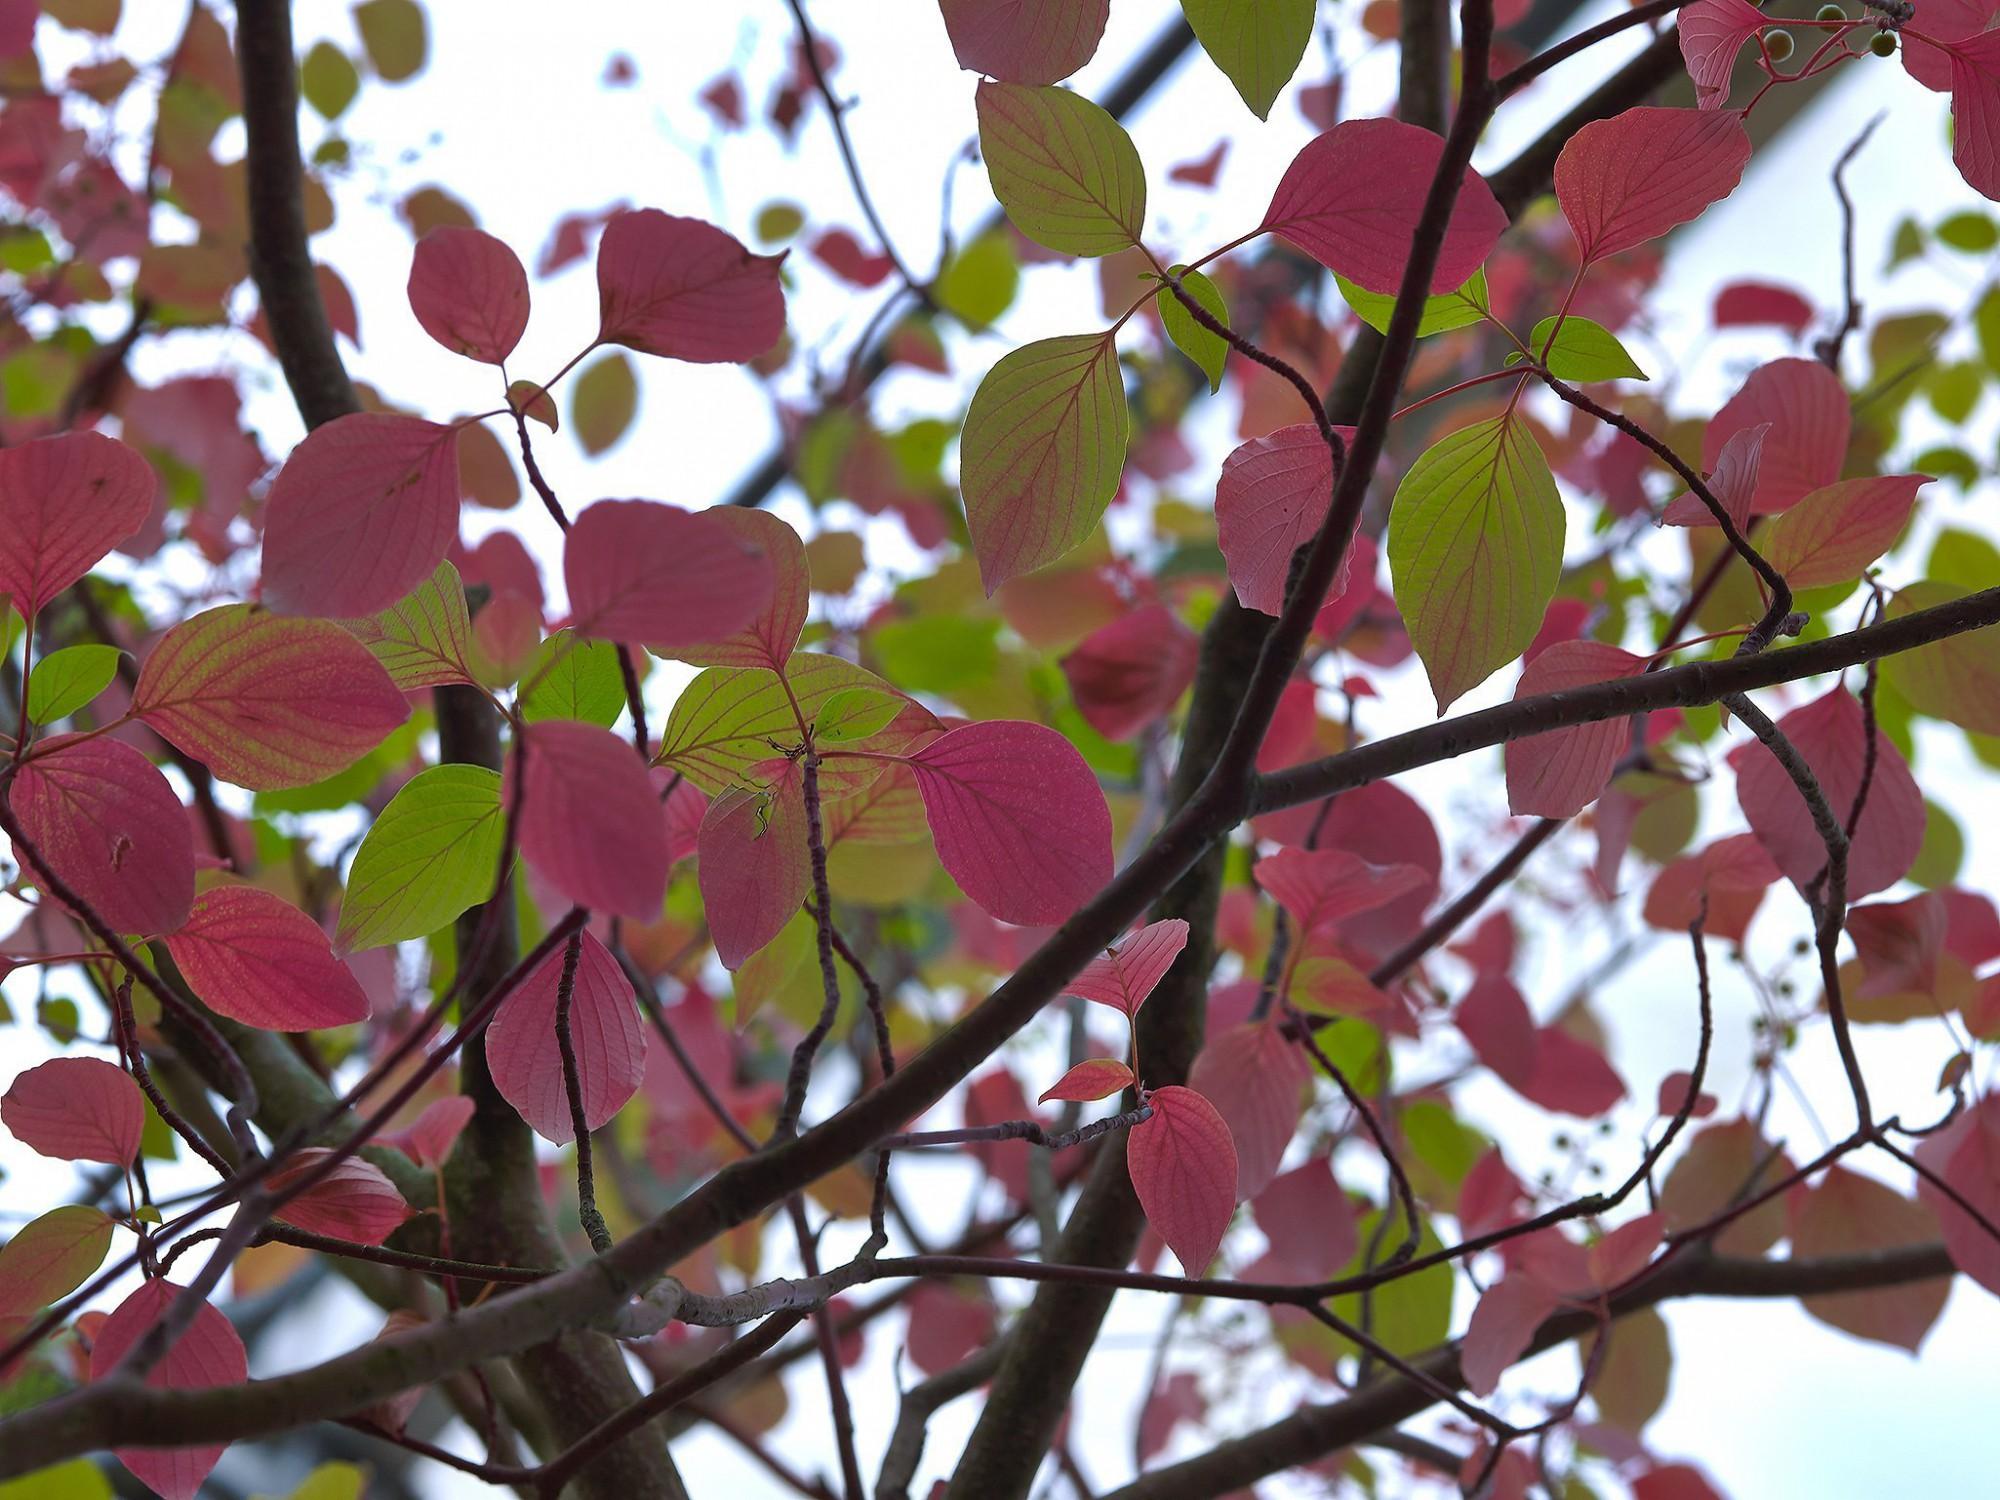 Afbeelding: Planten, struiken en bomen fotografie.